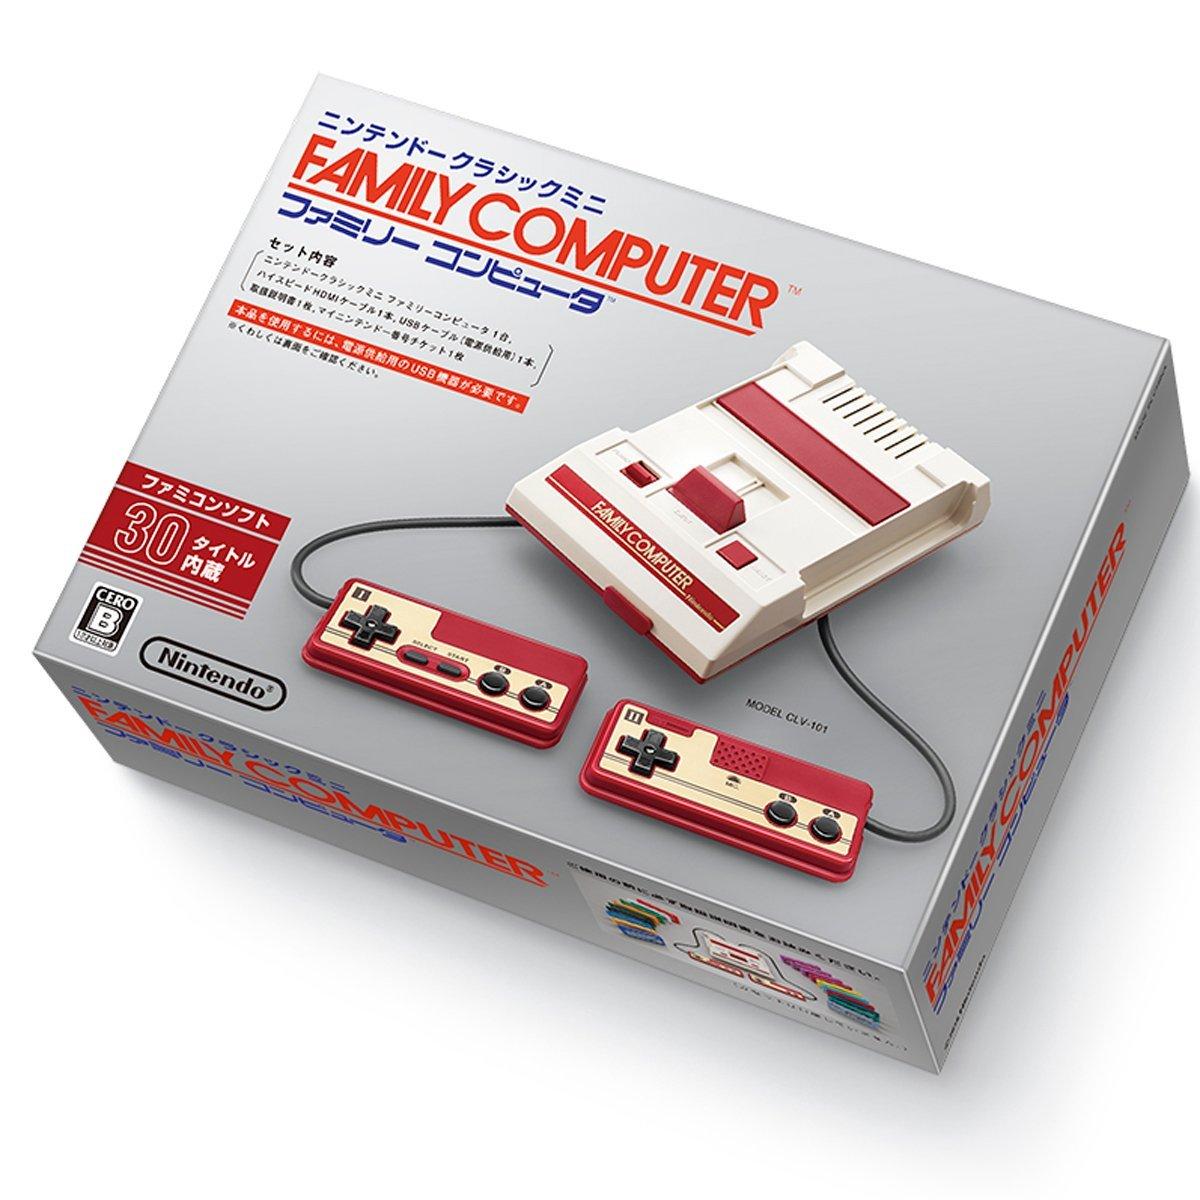 ニンテンドークラシックミニ ファミリーコンピュータ 【Amazon.co.jp限定】 オリジナルポストカード(30枚セット)付 中古 美品